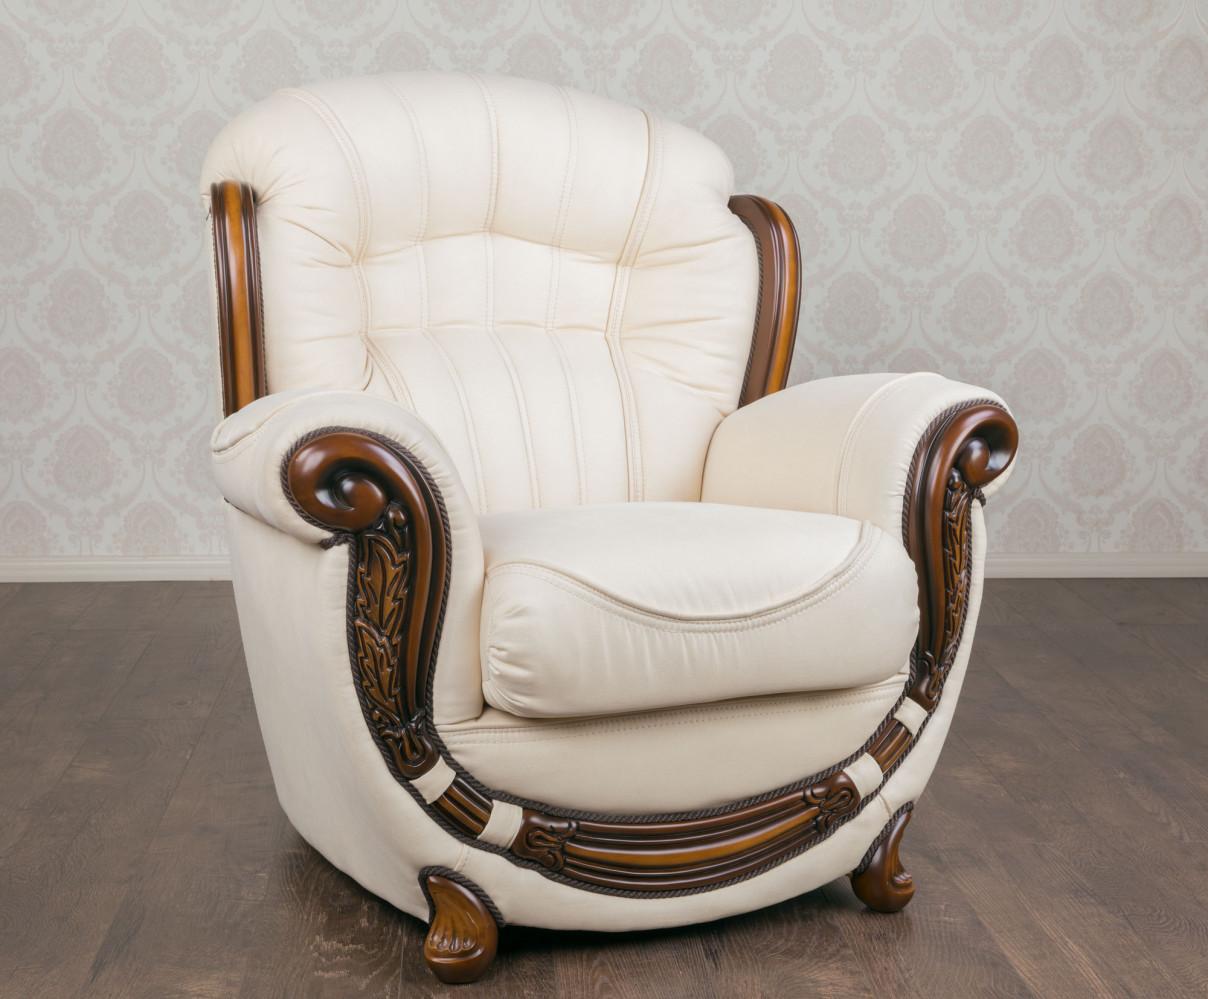 Класичне м'яке крісло в наявності